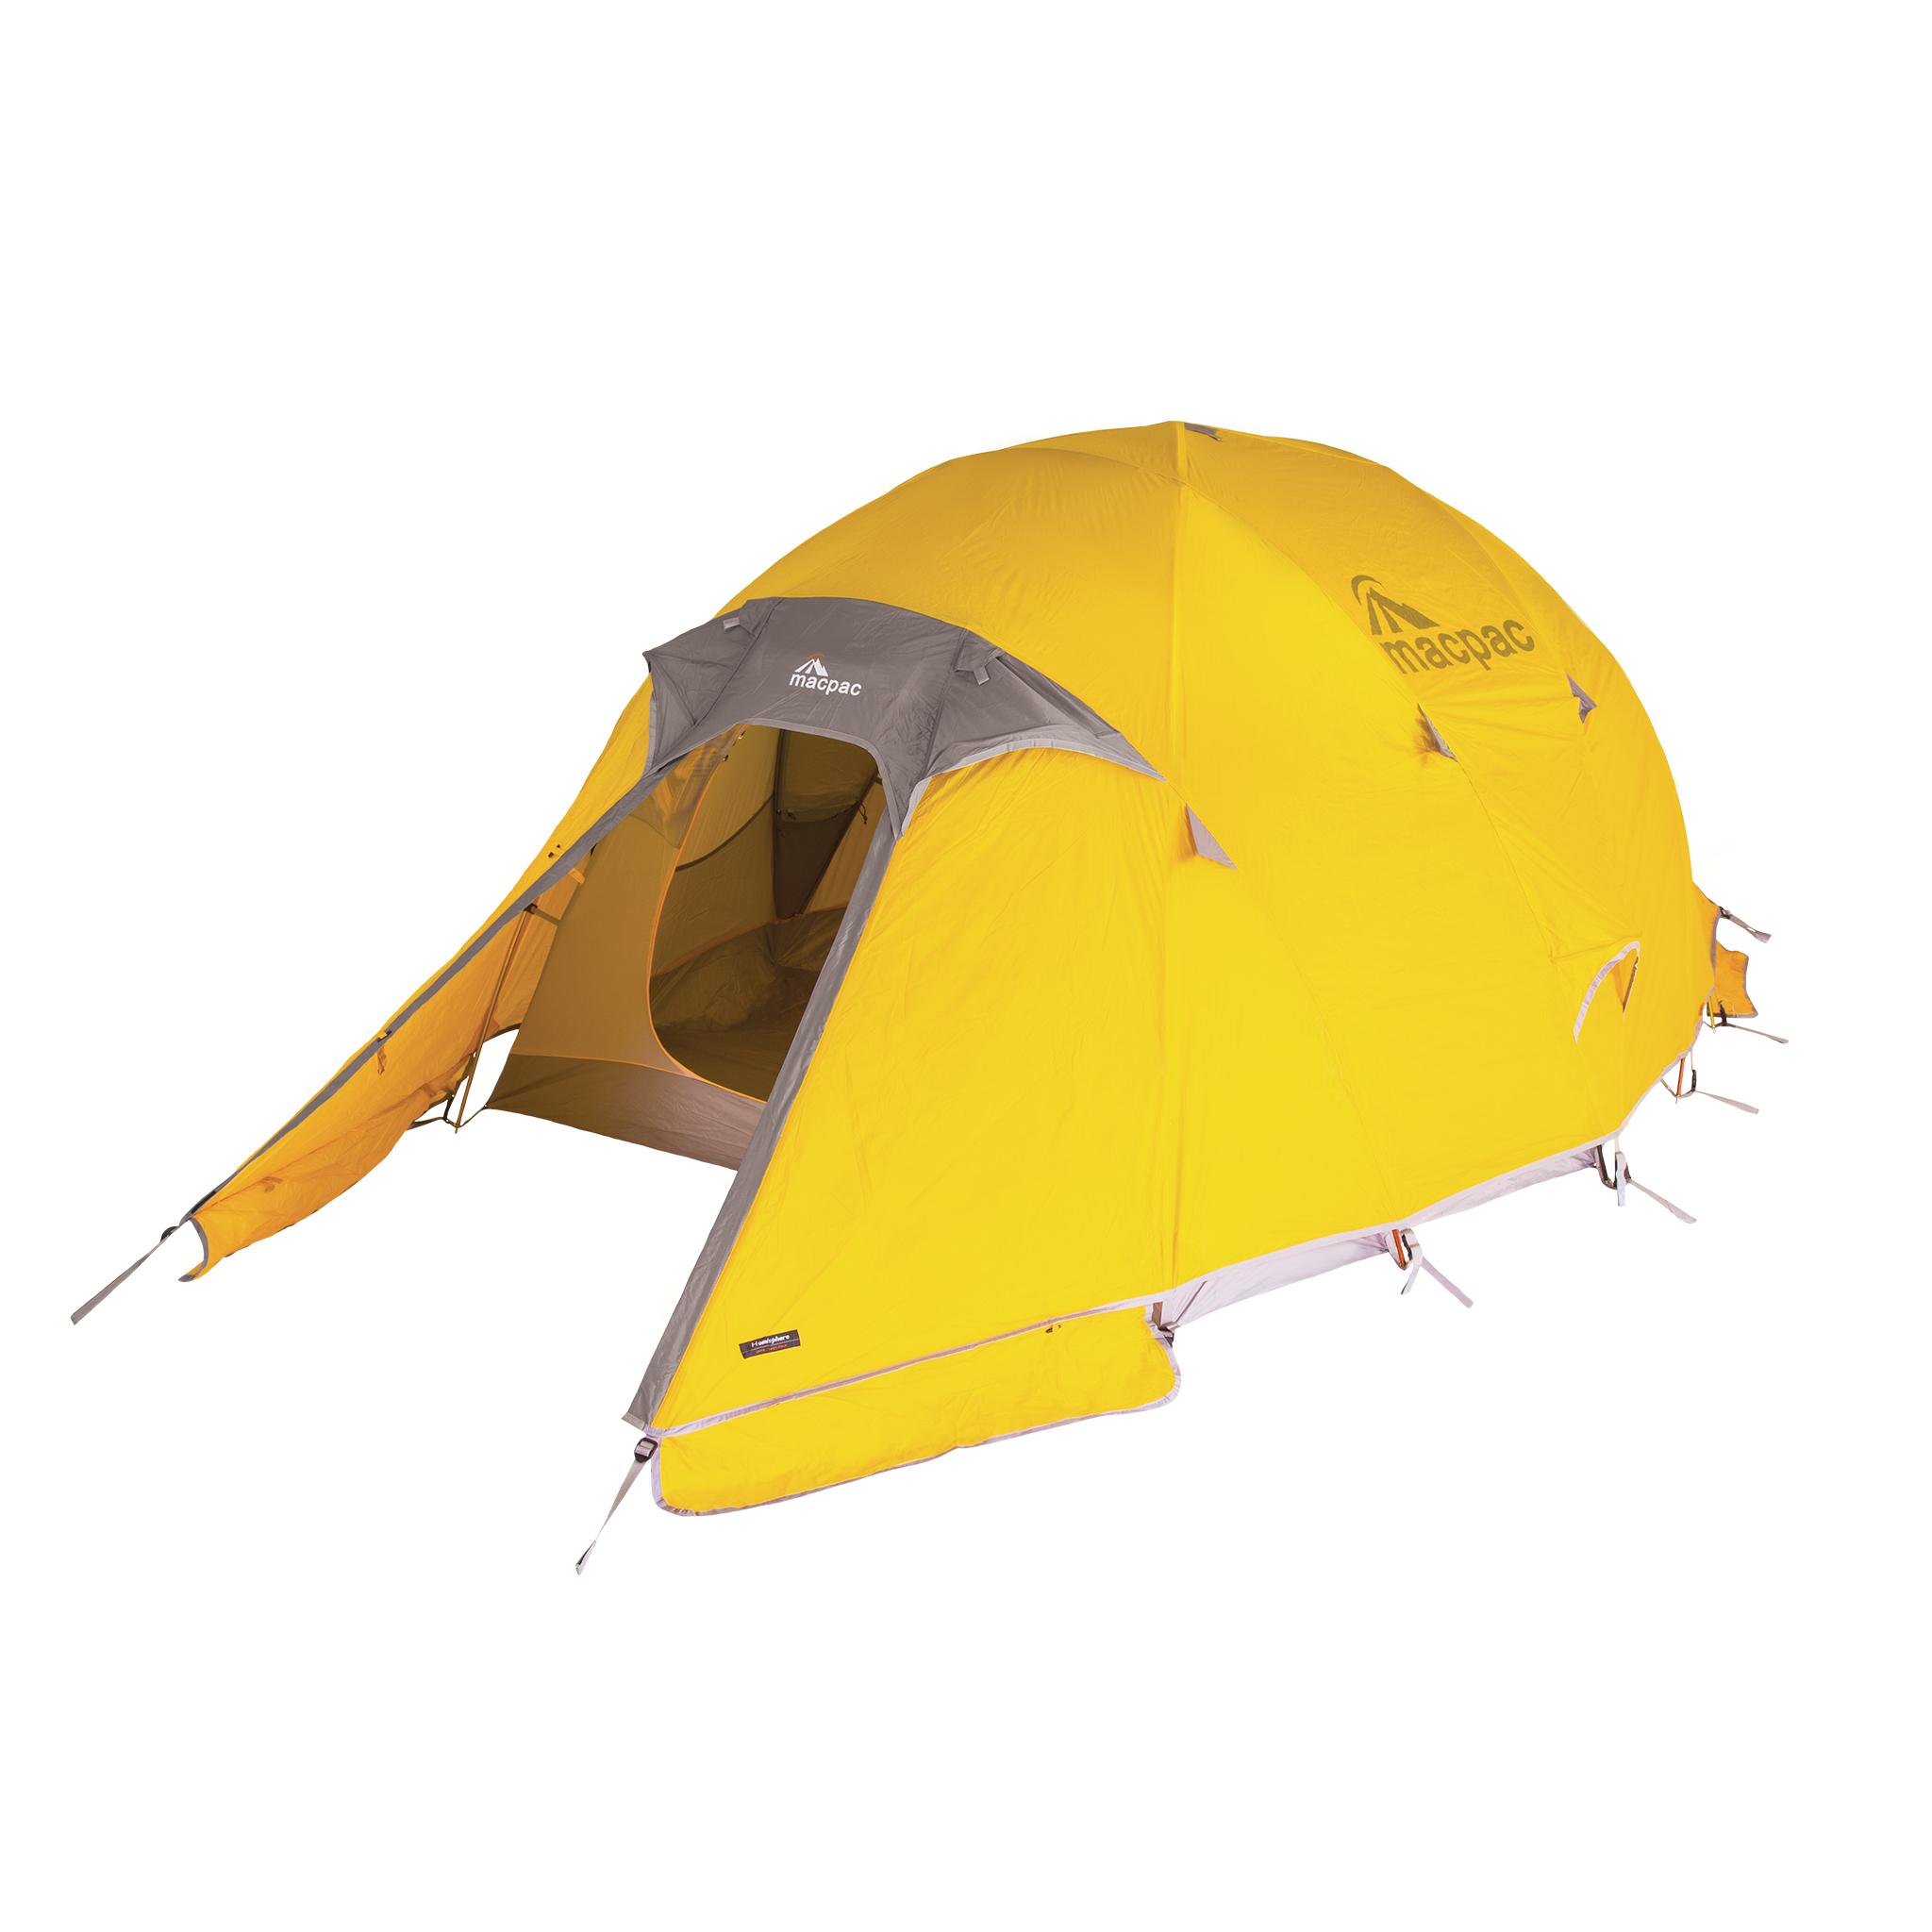 sc 1 st  Macpac Europe & Hemisphere Tent - Spectra Yellow